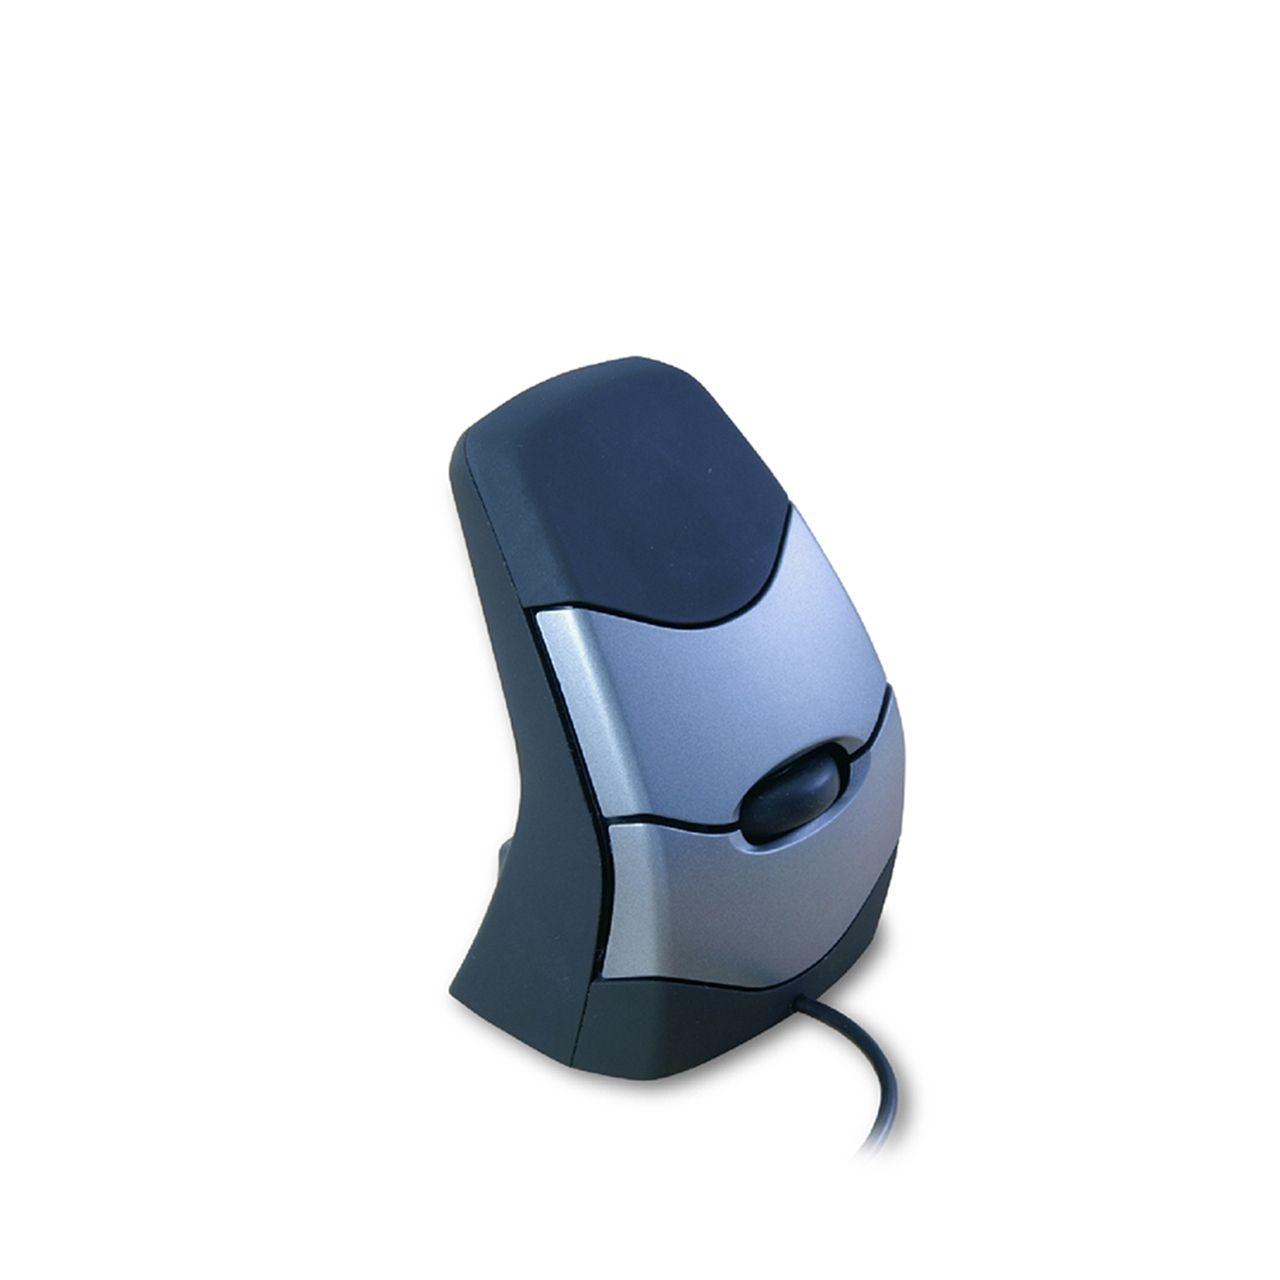 DXT Precision Mouse bedraad zijkant